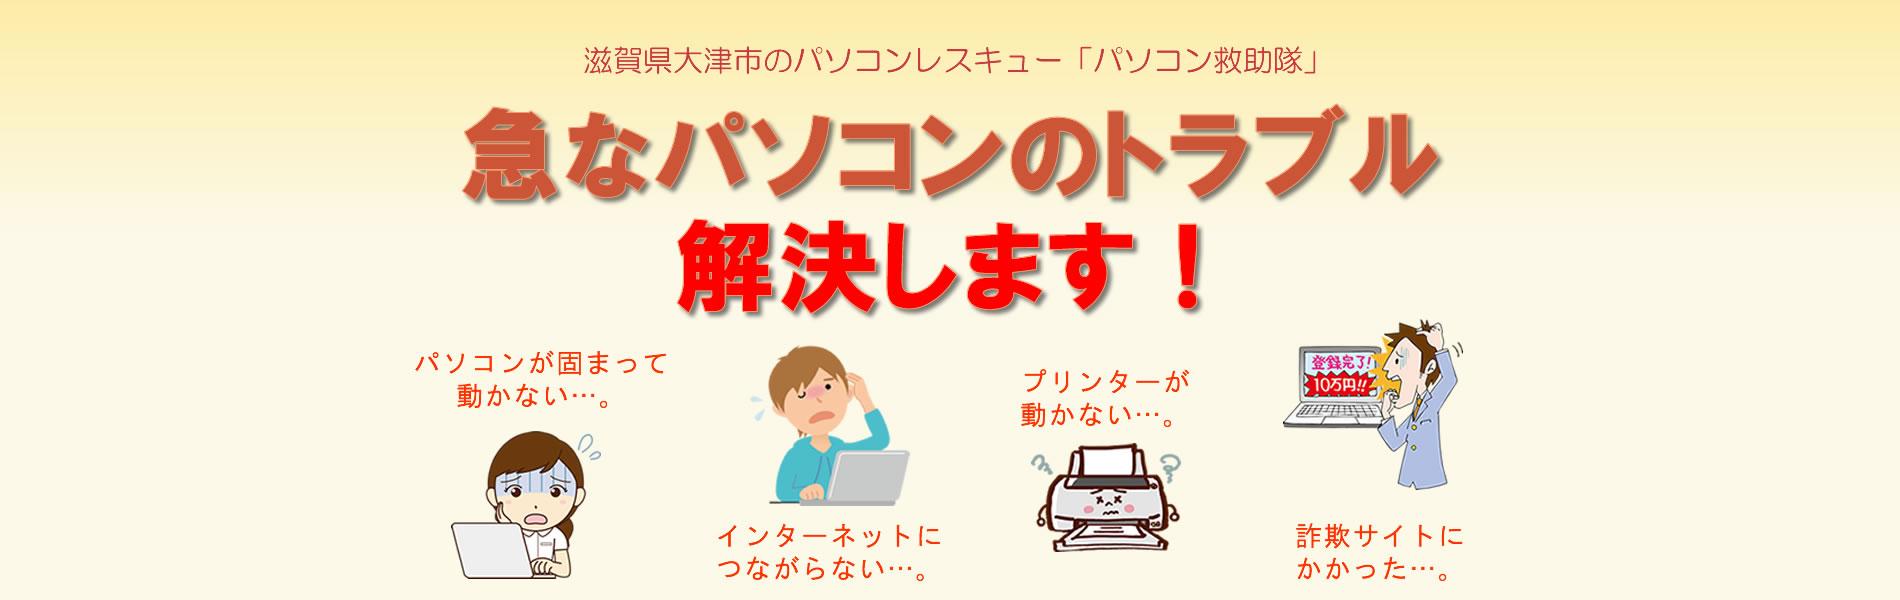 滋賀県大津市のパソコントラブル解決は「パソコン救助隊」